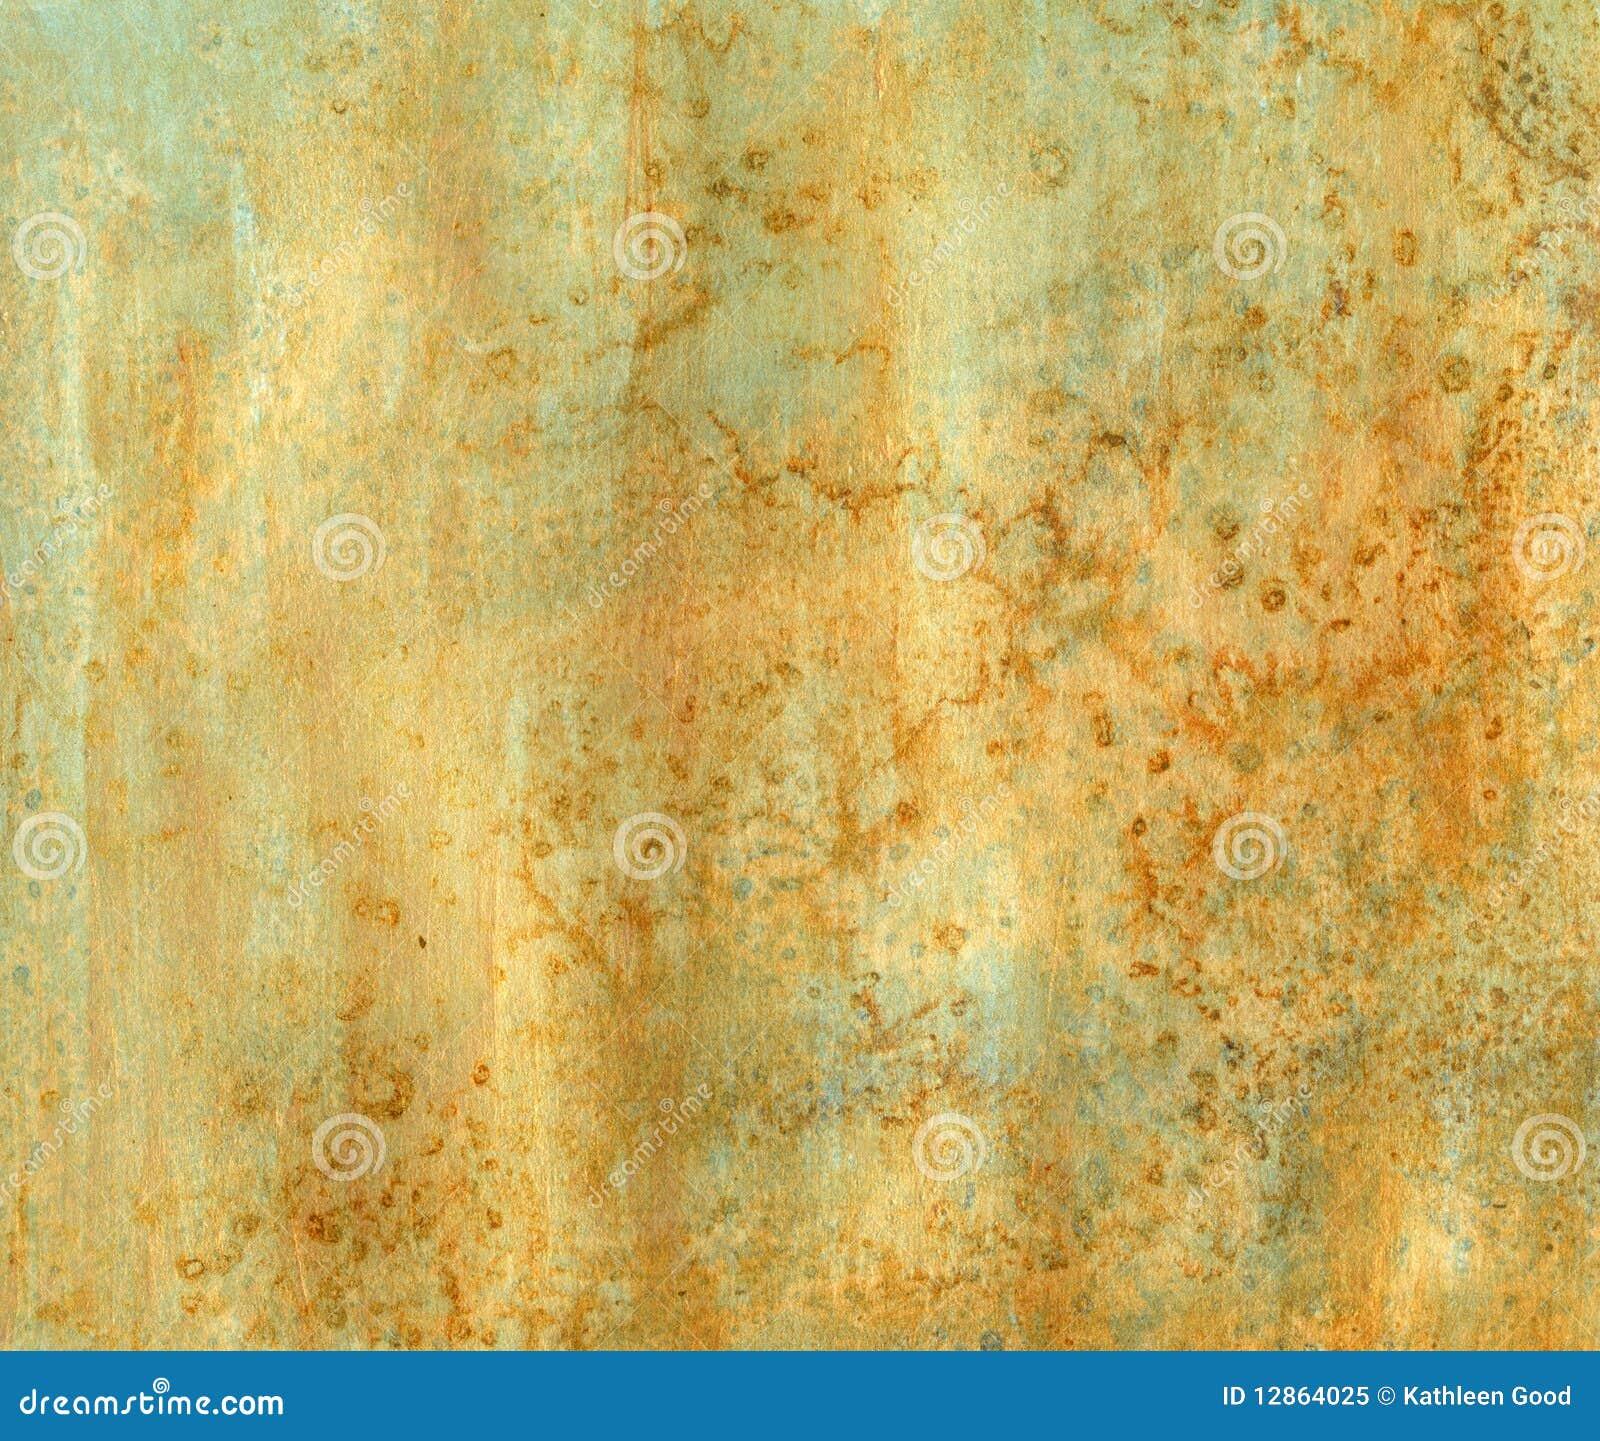 Aqua Rust Texture